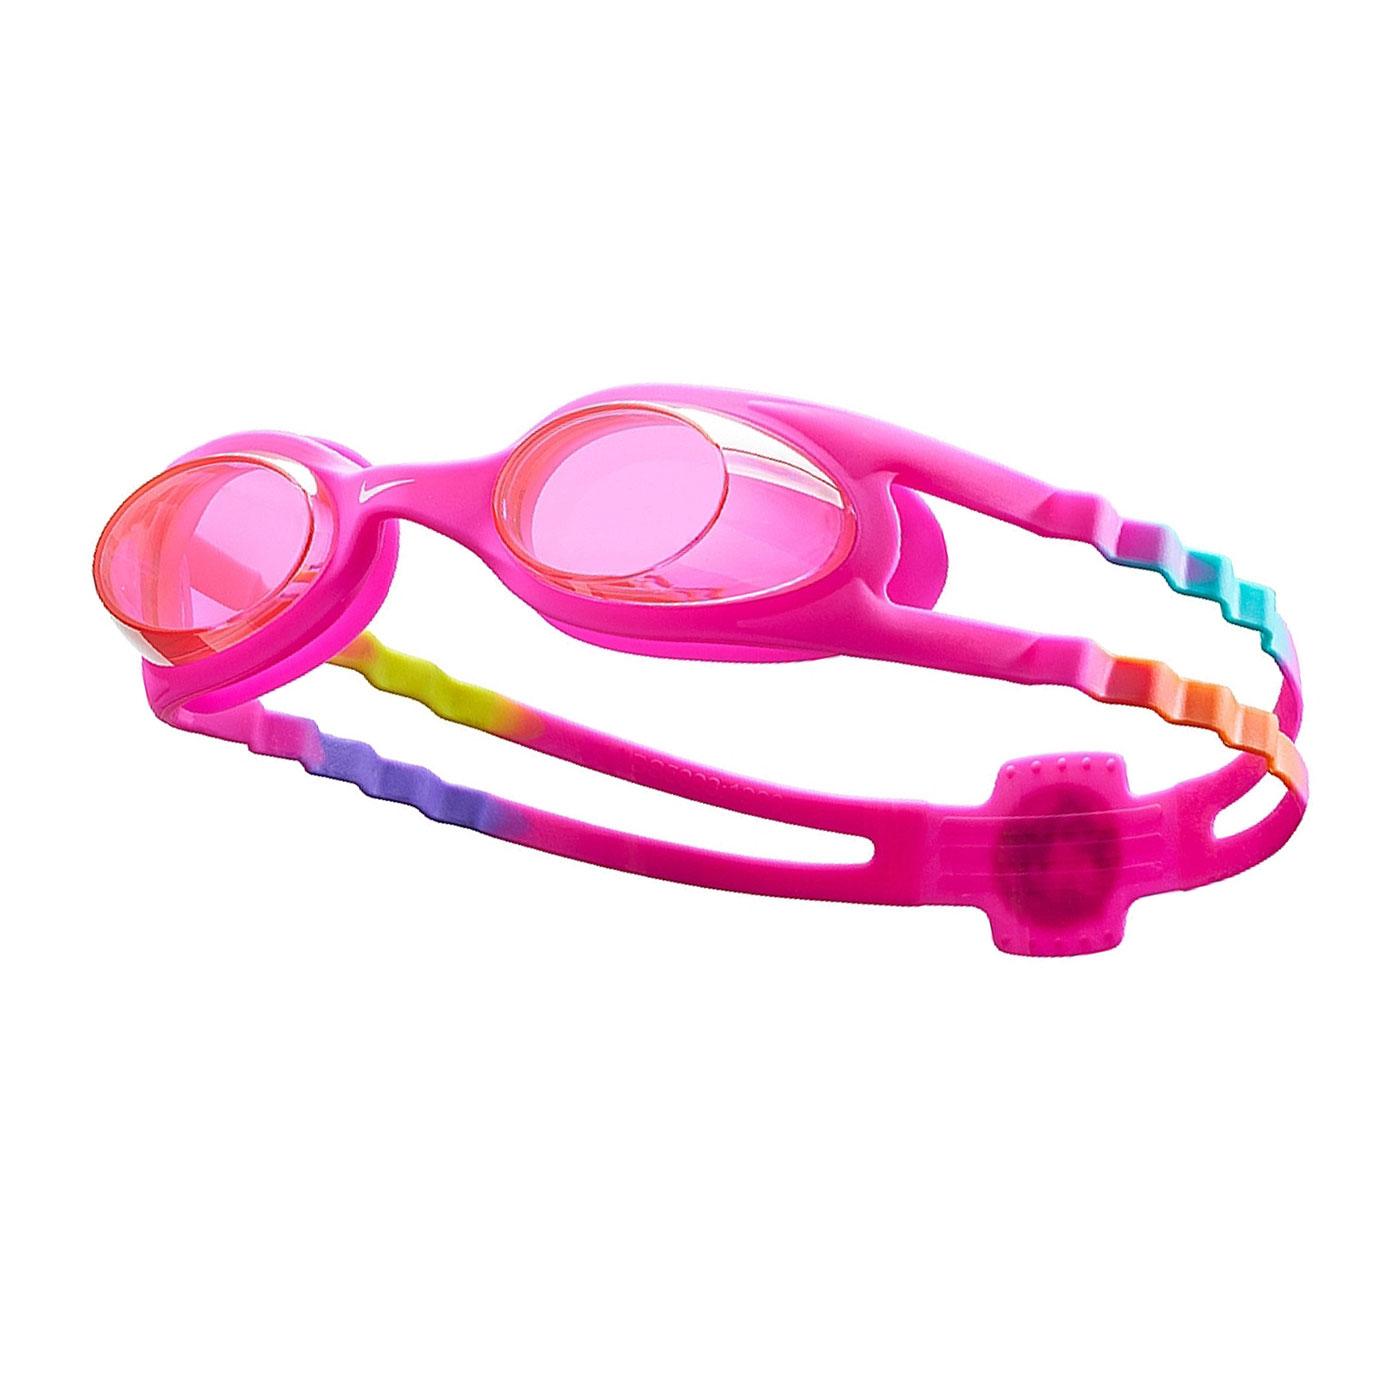 NIKE SWIM 兒童休閒泳鏡 NESSB166-656